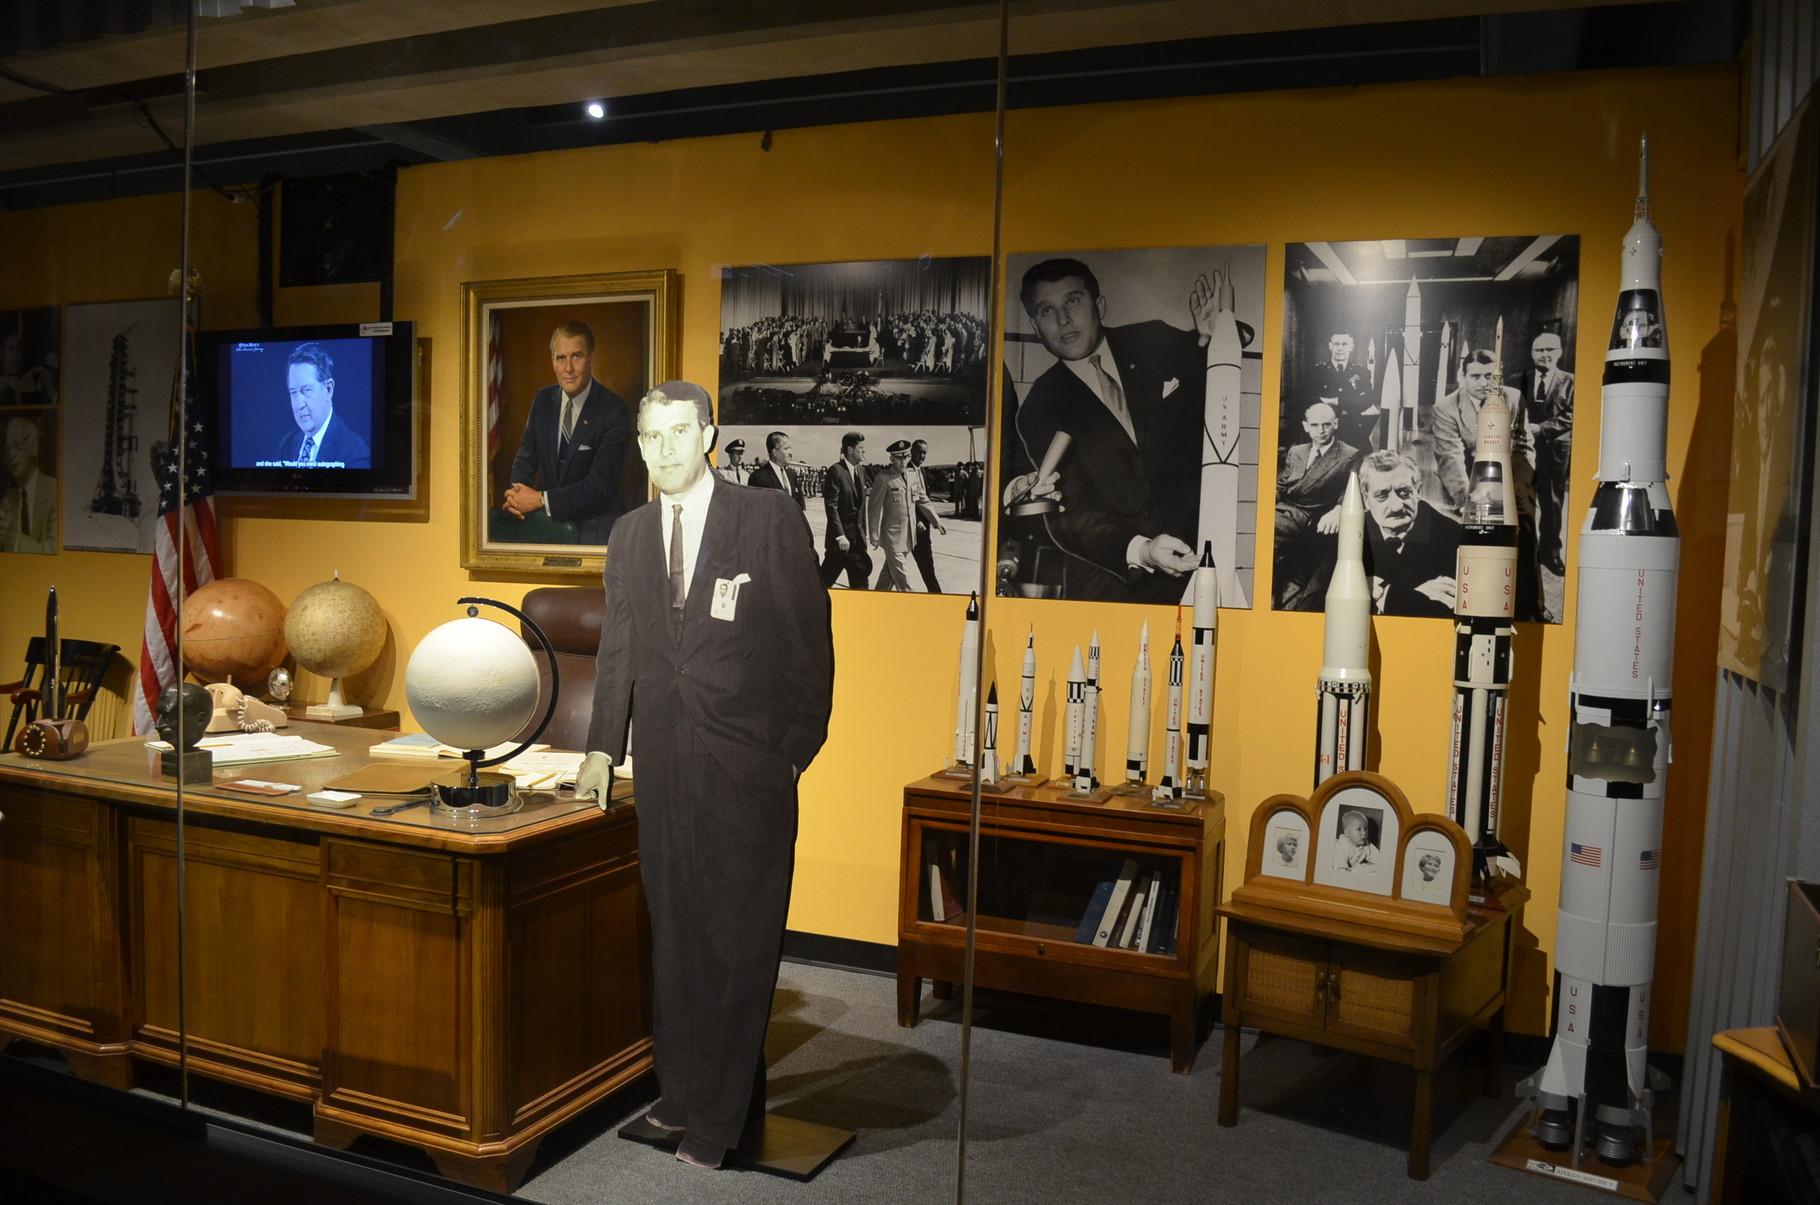 Wernher von Braun's Büro...ein sehr bedeutender DEUTSCHER Forscher der Raumfahrt